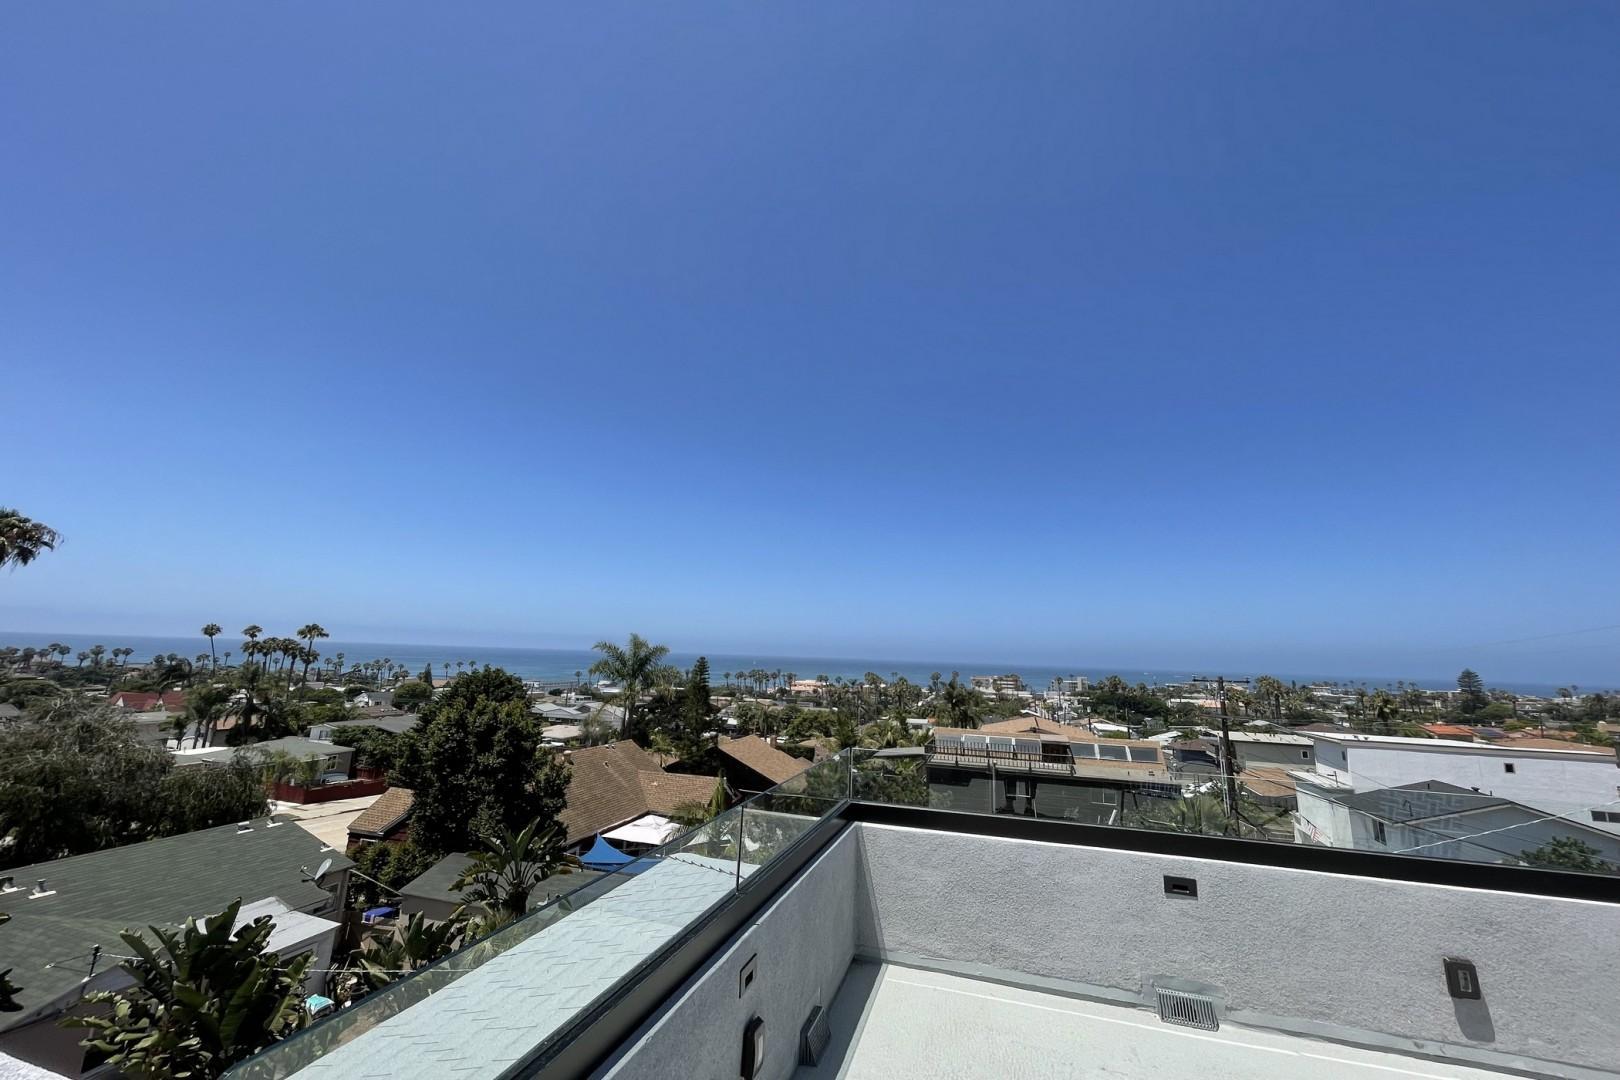 Ocean view rooftop deck